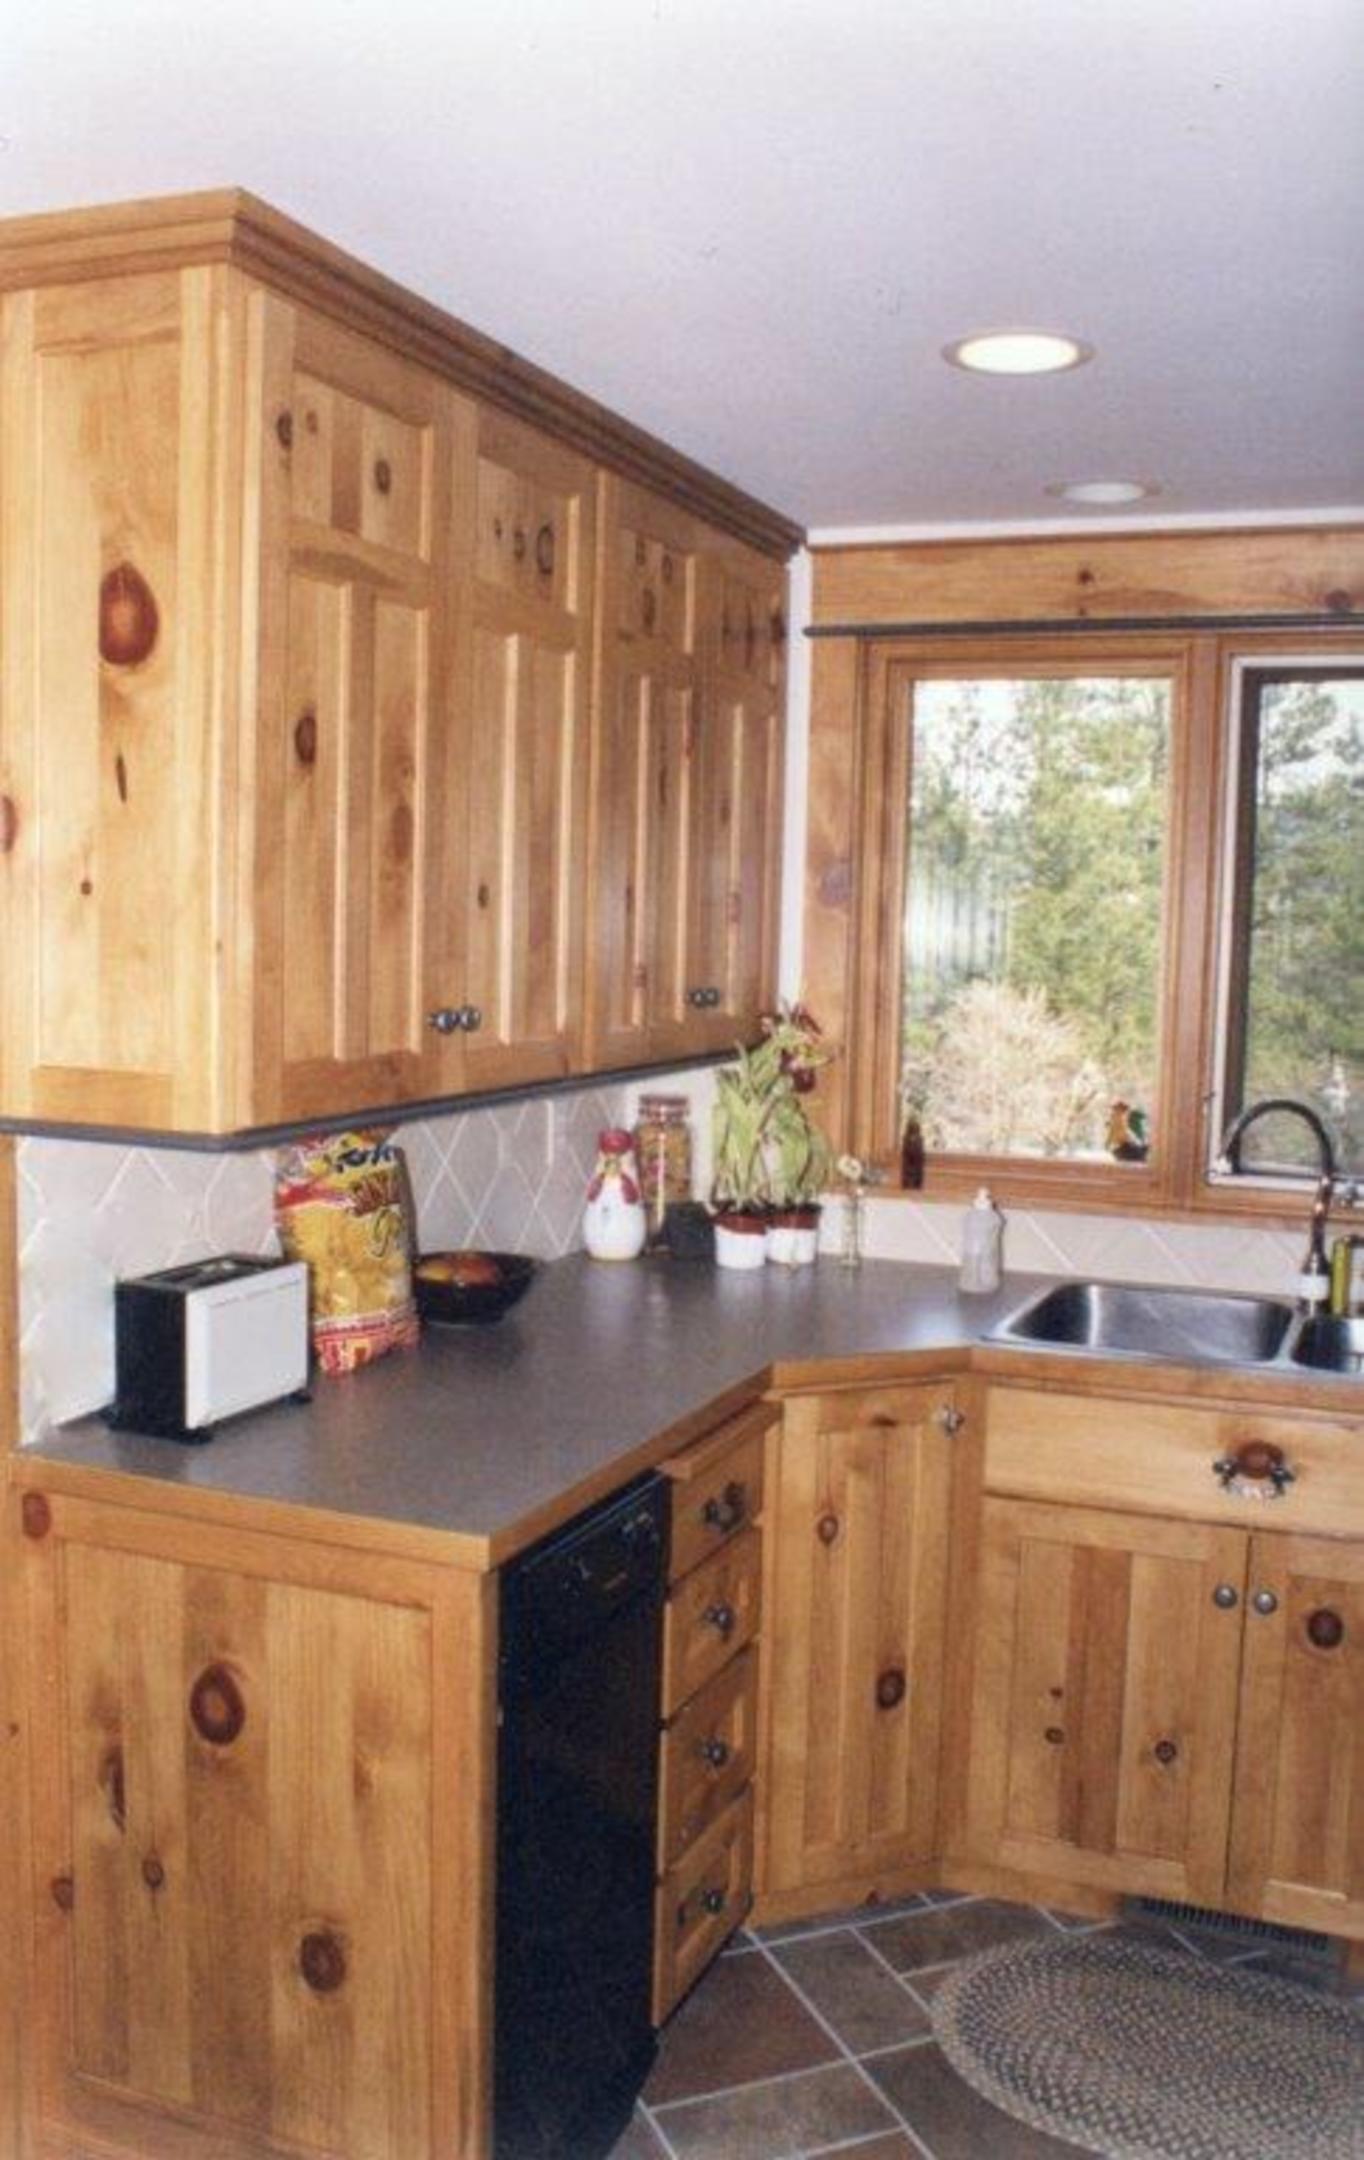 affordable custom cabinets showroom. Black Bedroom Furniture Sets. Home Design Ideas